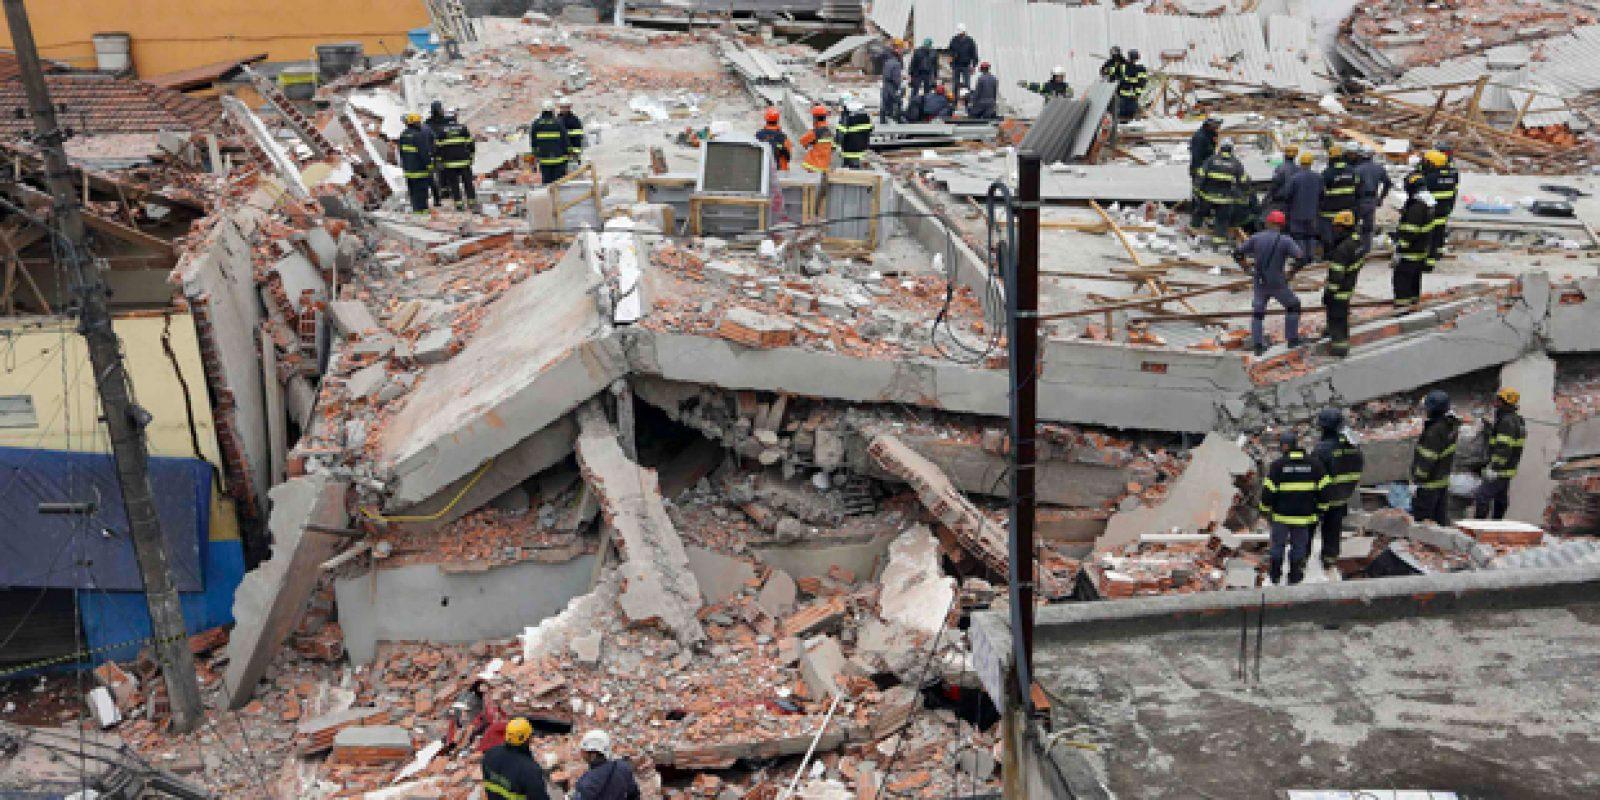 O desabamento de um prédio de dois andares provoca mortes na zona leste de São Paulo| Nacho Doce/ Reuters sao mateus